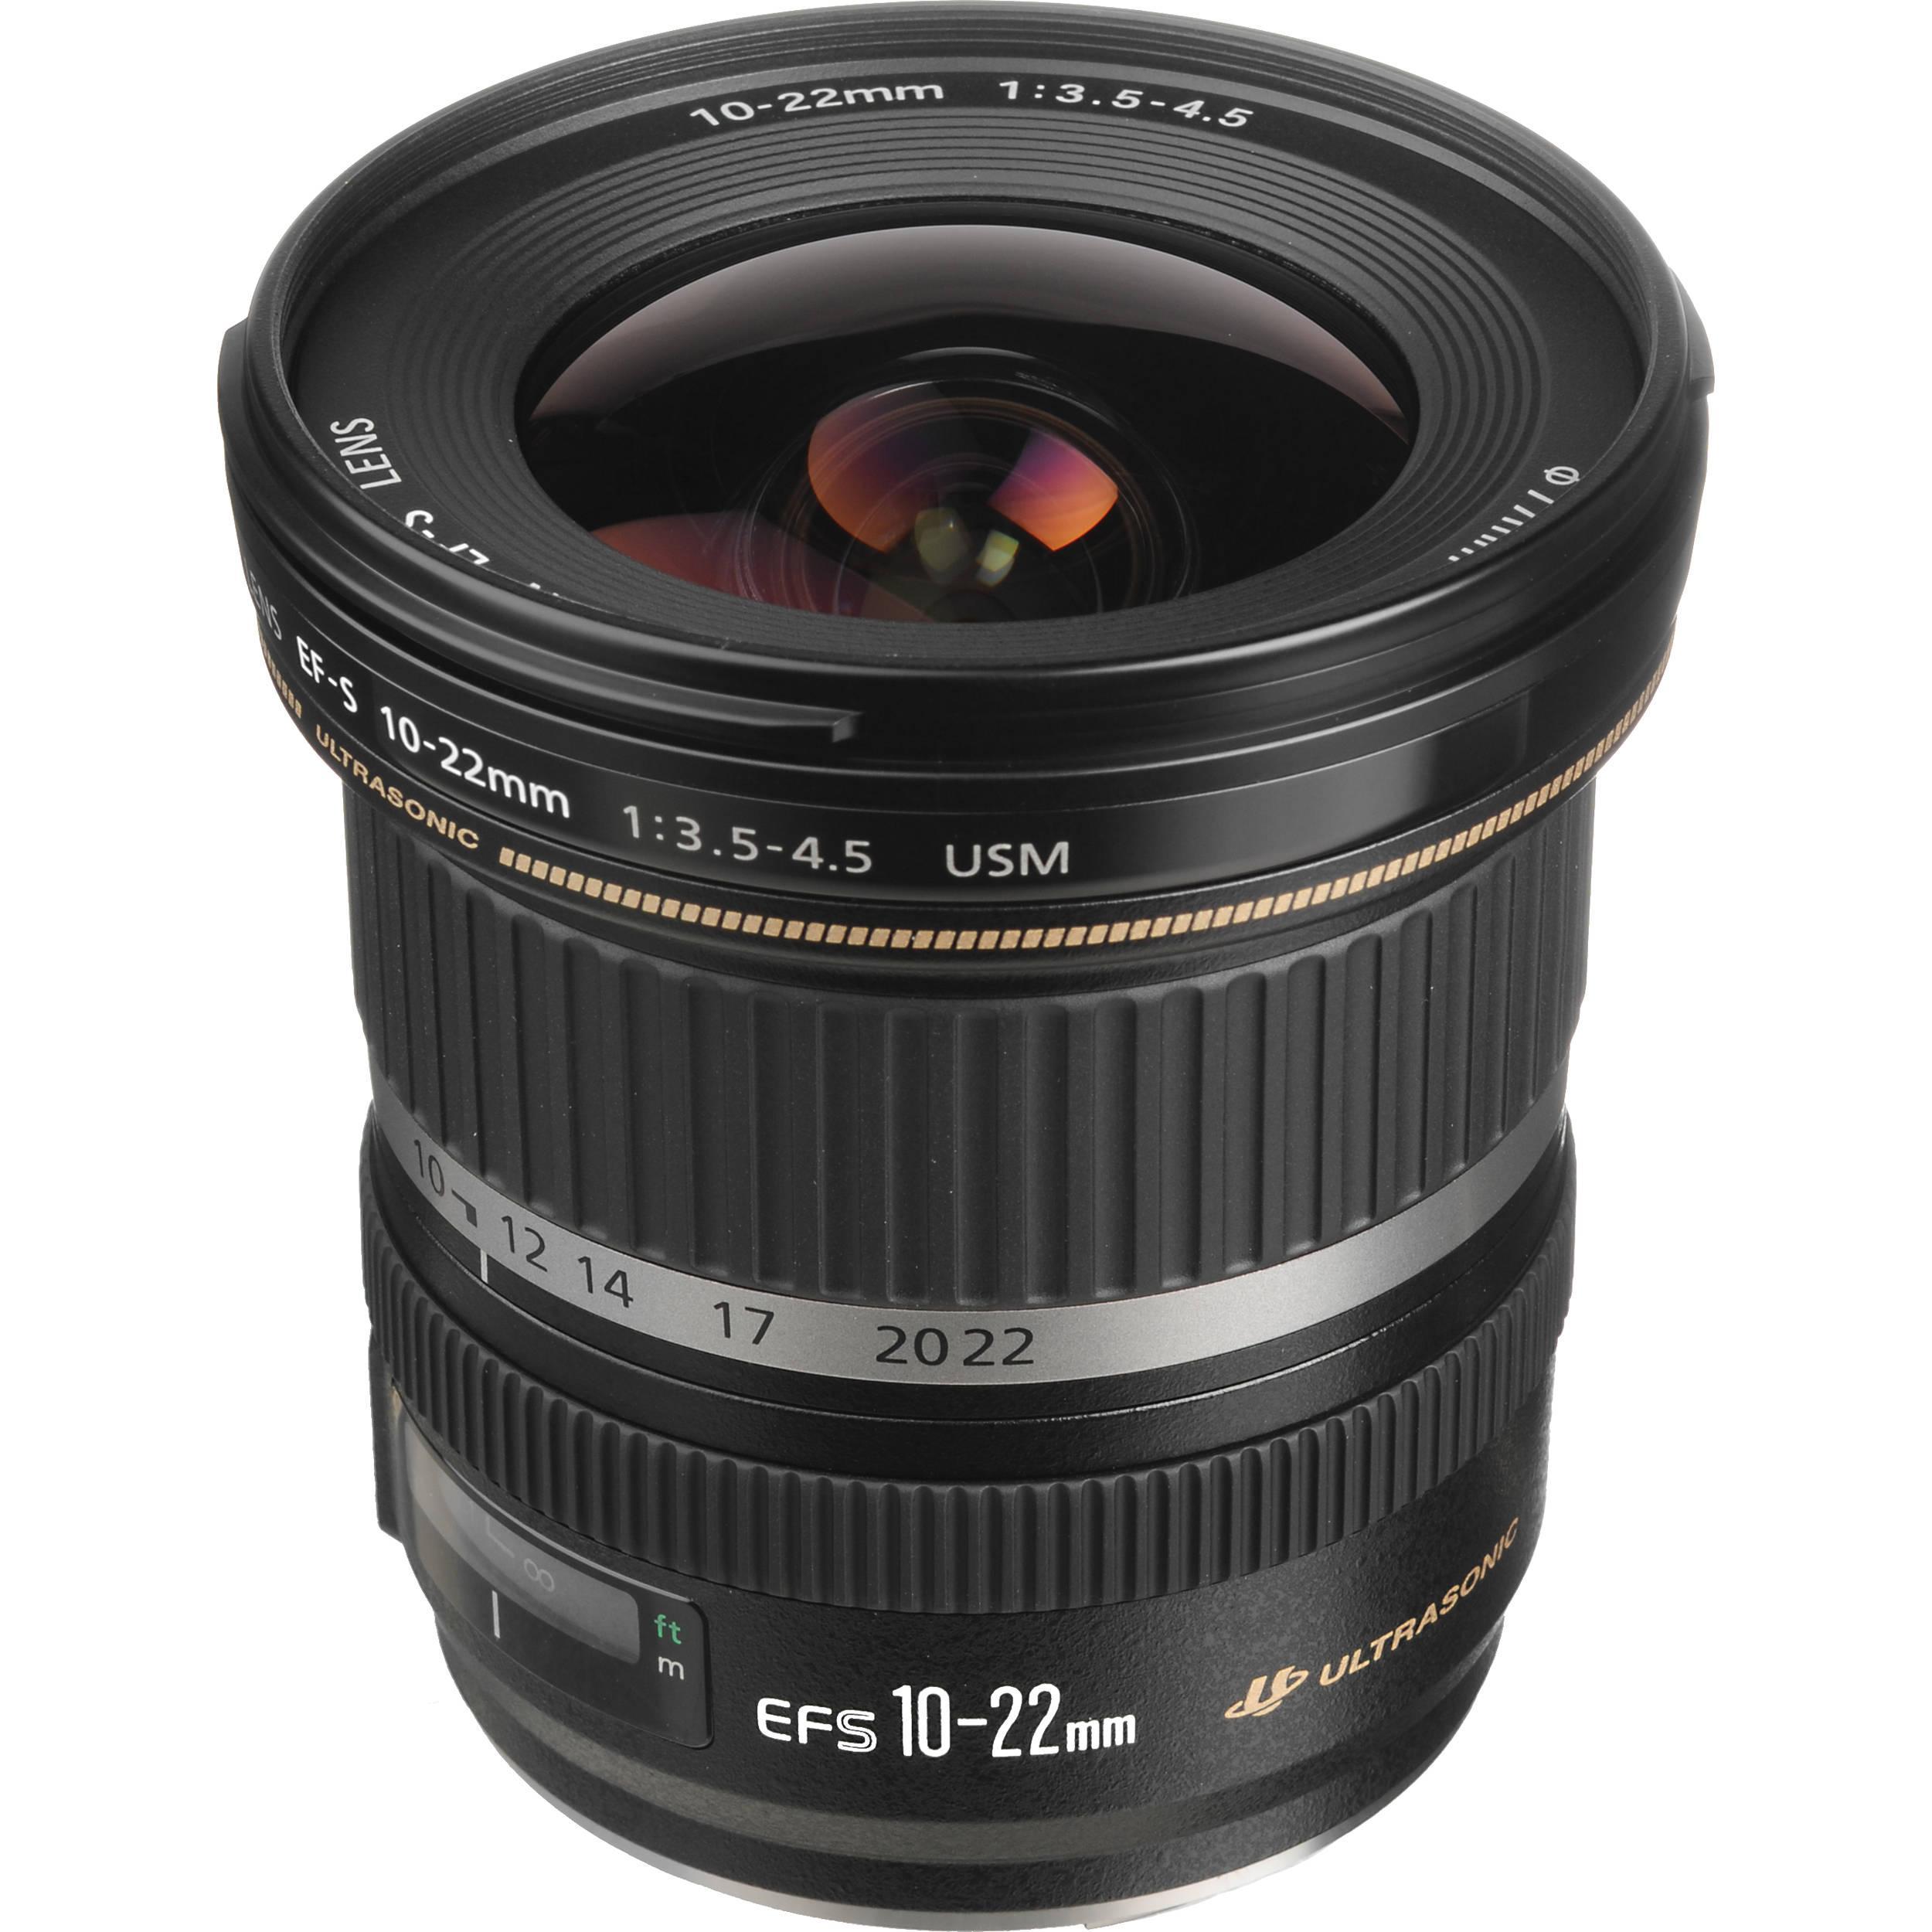 Camera Lense EF-S 10-22mm f/3.5-4.5